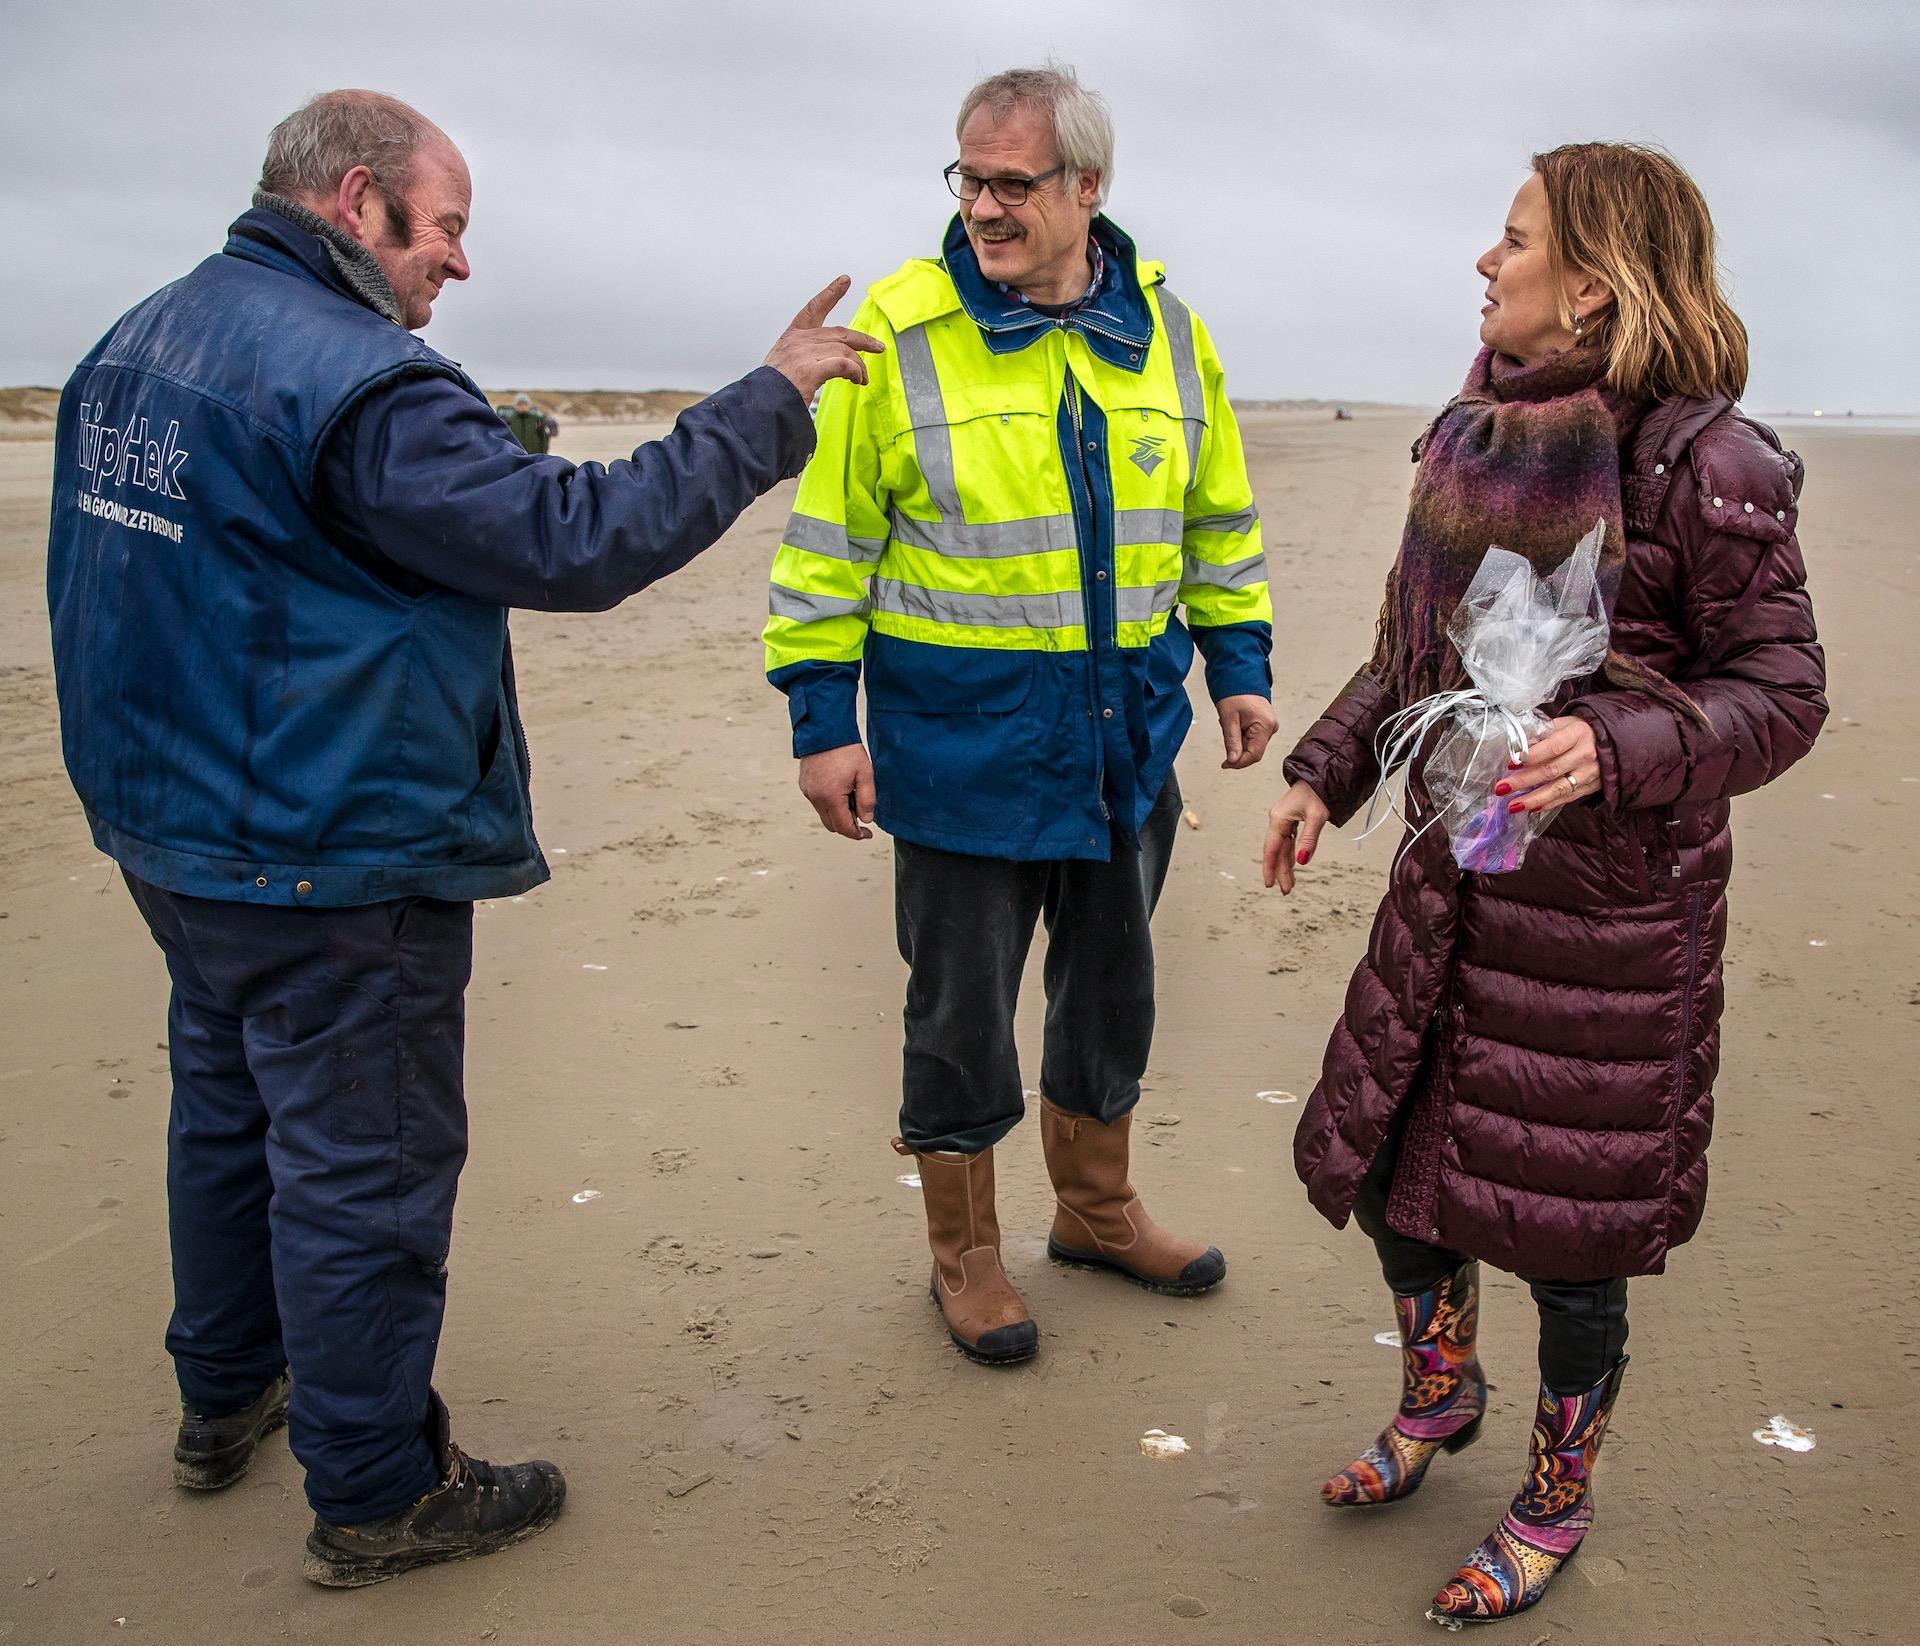 my little pony kreeg ze na afloop van haar bezoek Van Nieuwenhuizen neemt het woord 'ecologische ramp' in de mondMinister Cora van Nieuwenhuizen (Infrastructuur en Waterstaat) brengt donderdag een werkbezoek aan Terschelling. Ze zal zich daar persoonlijk op de hoogte stellen over de gevolgen van de 290 containers die vorige week zijn verloren door het containerschip MSC Zoe bij de Waddeneilanden.foto 11